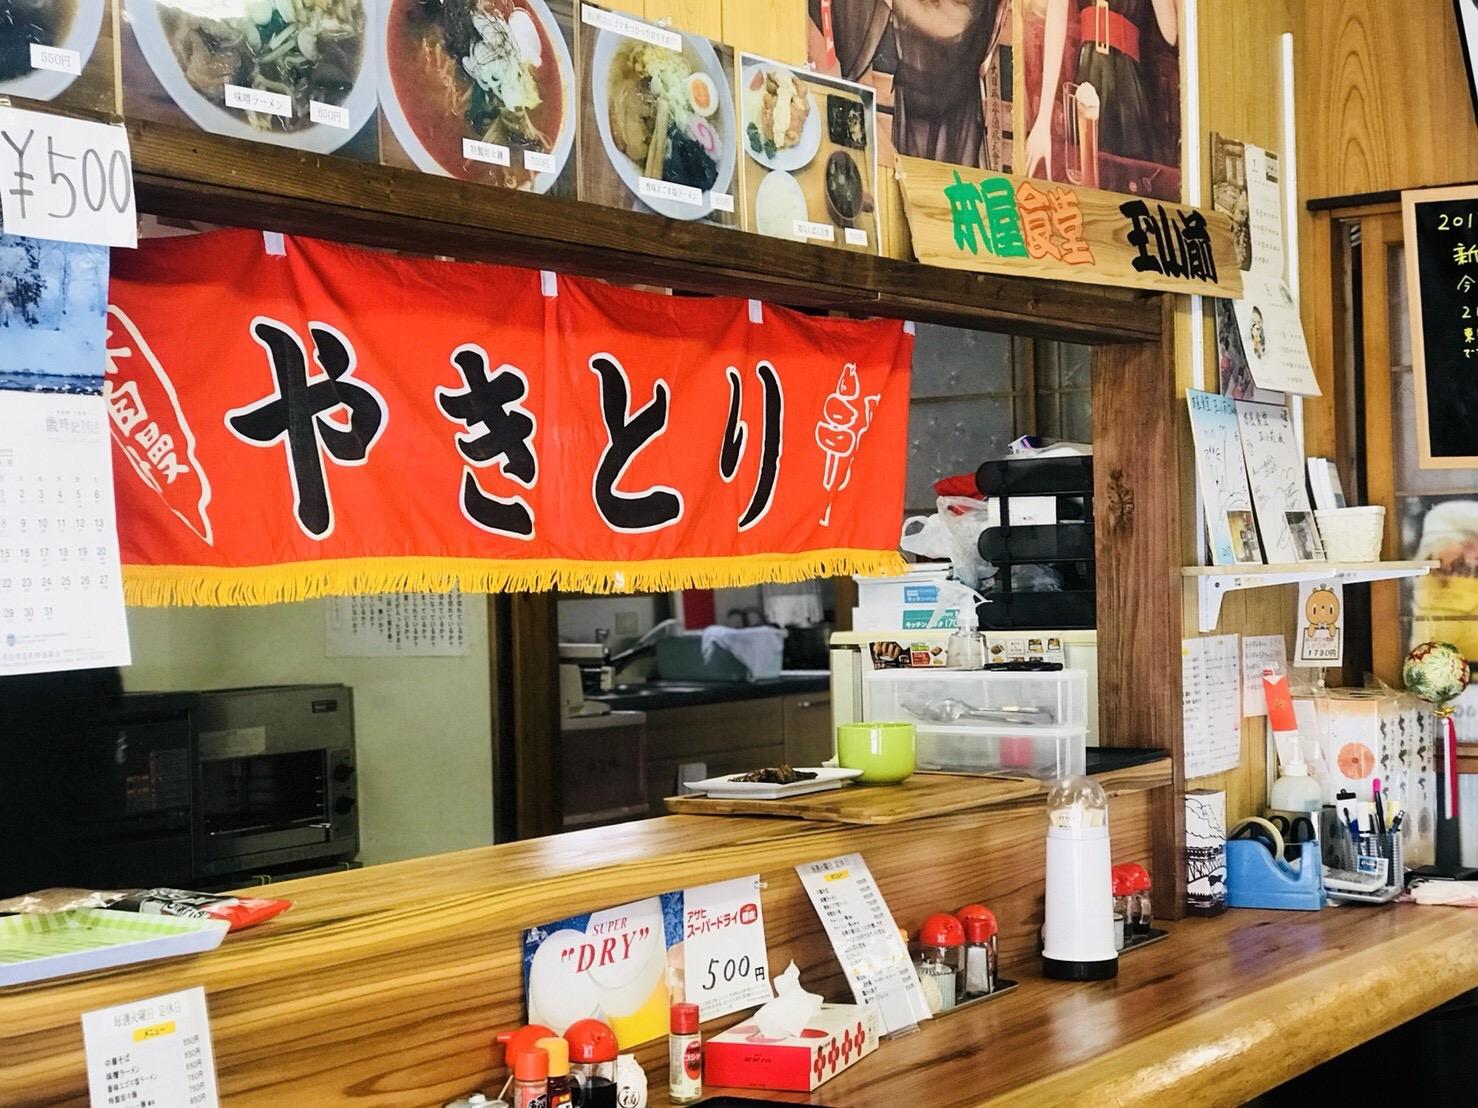 本屋食堂玉小前 阿部書店のカウンター